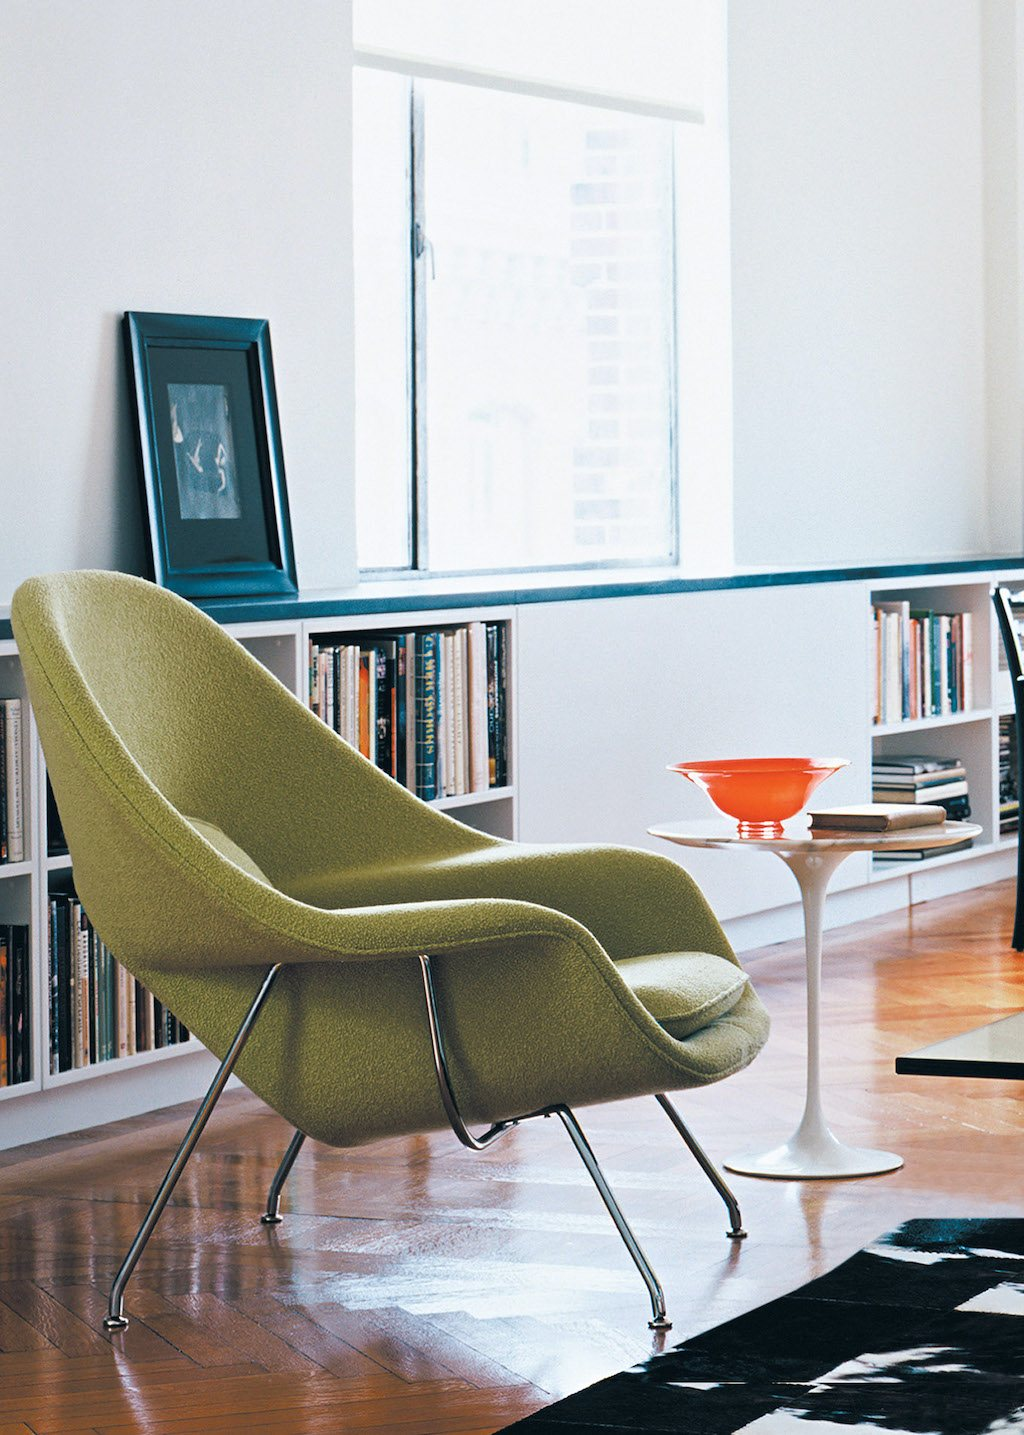 Design als Investition. Womb Chair und Saarinen Table, im Hintergrund ein durchgehendes, hüfthohes Bücherregal.